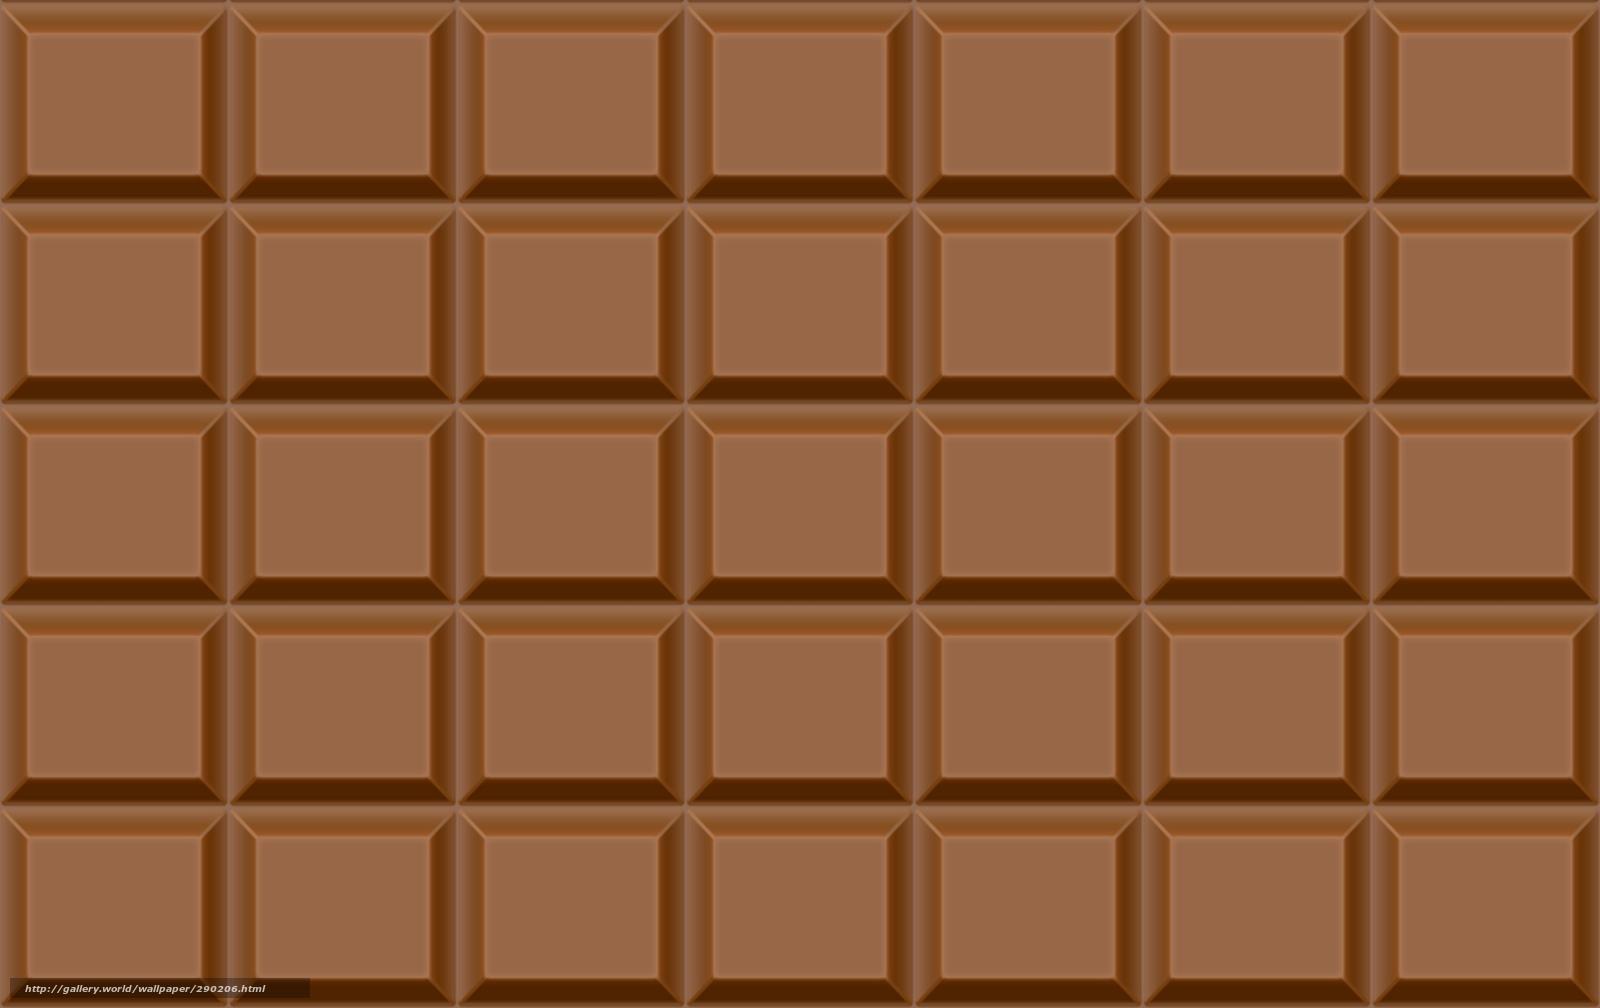 Papel de parede chocolate telha fundo 290206 Seo Textura 1600x1008